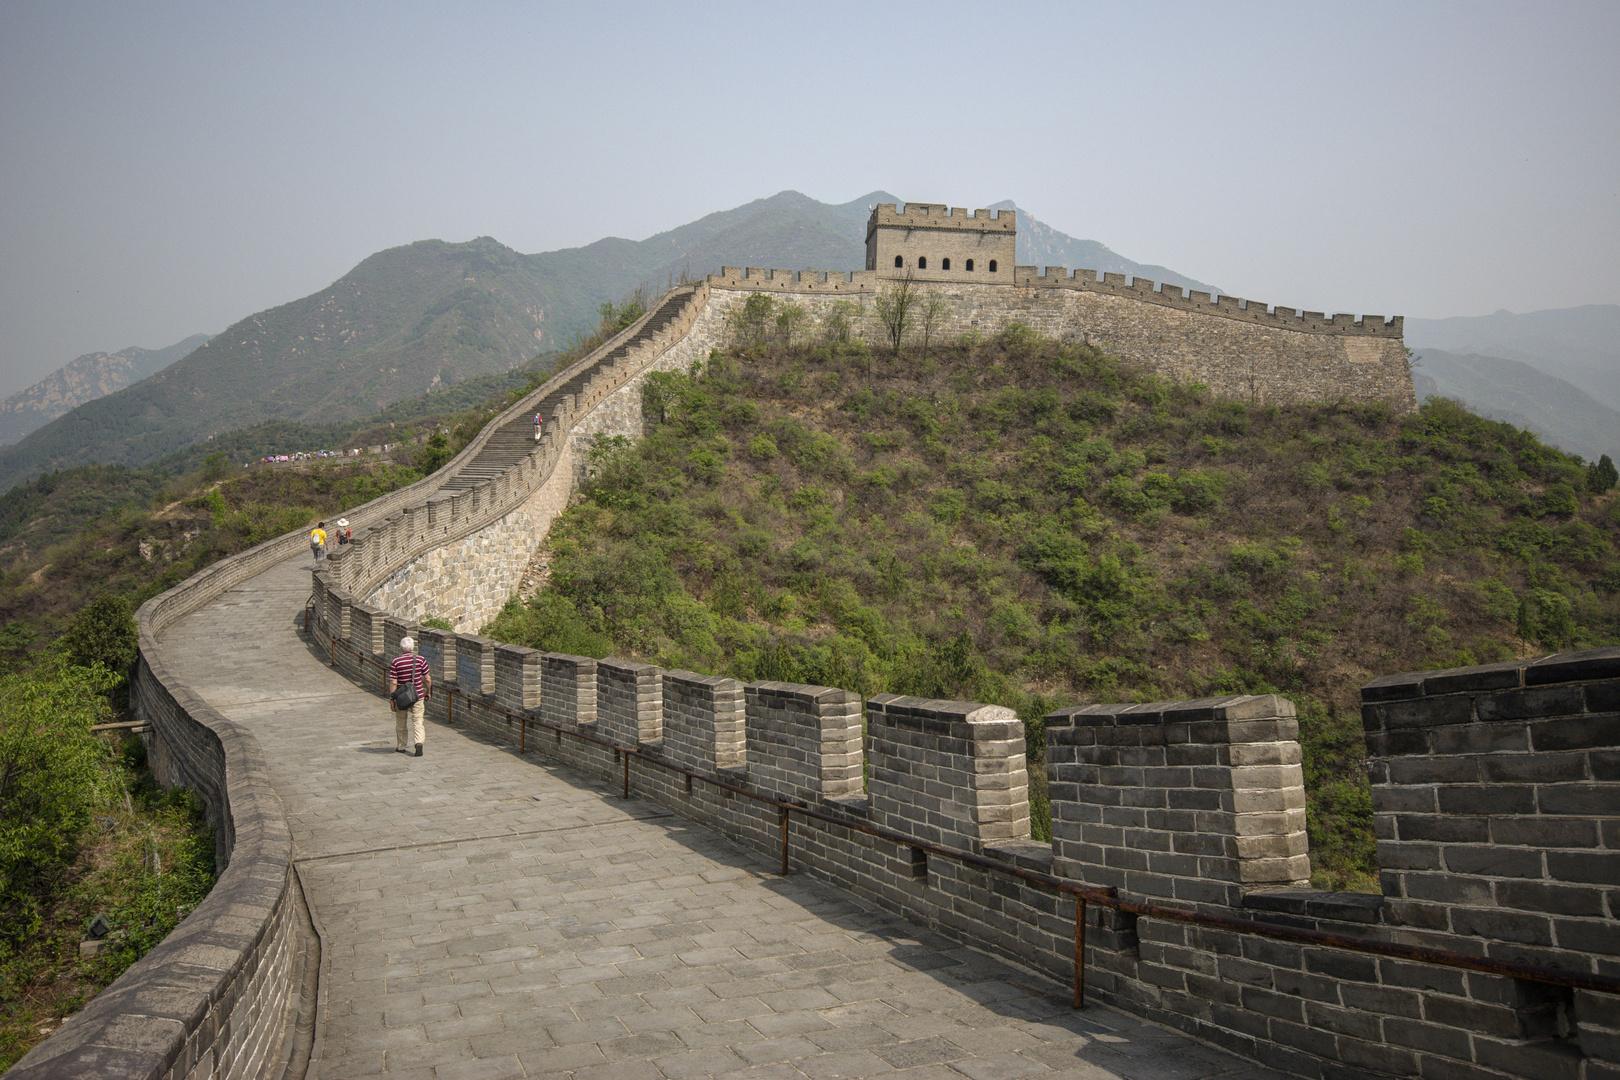 024 - China Wall at Badaling